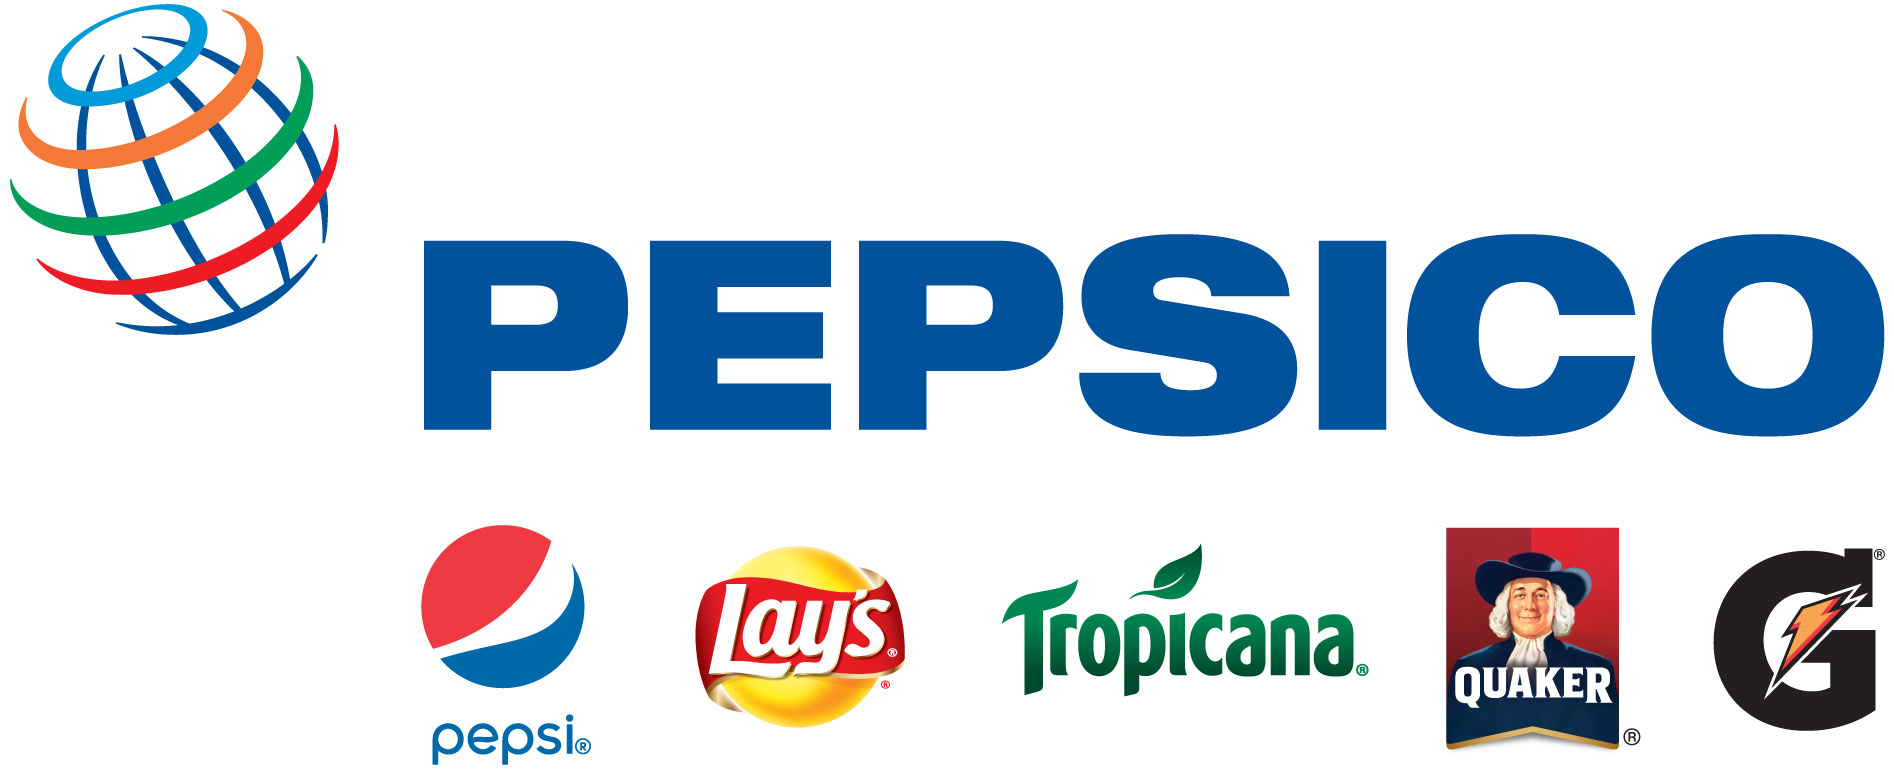 PepsiCo Logo - Large